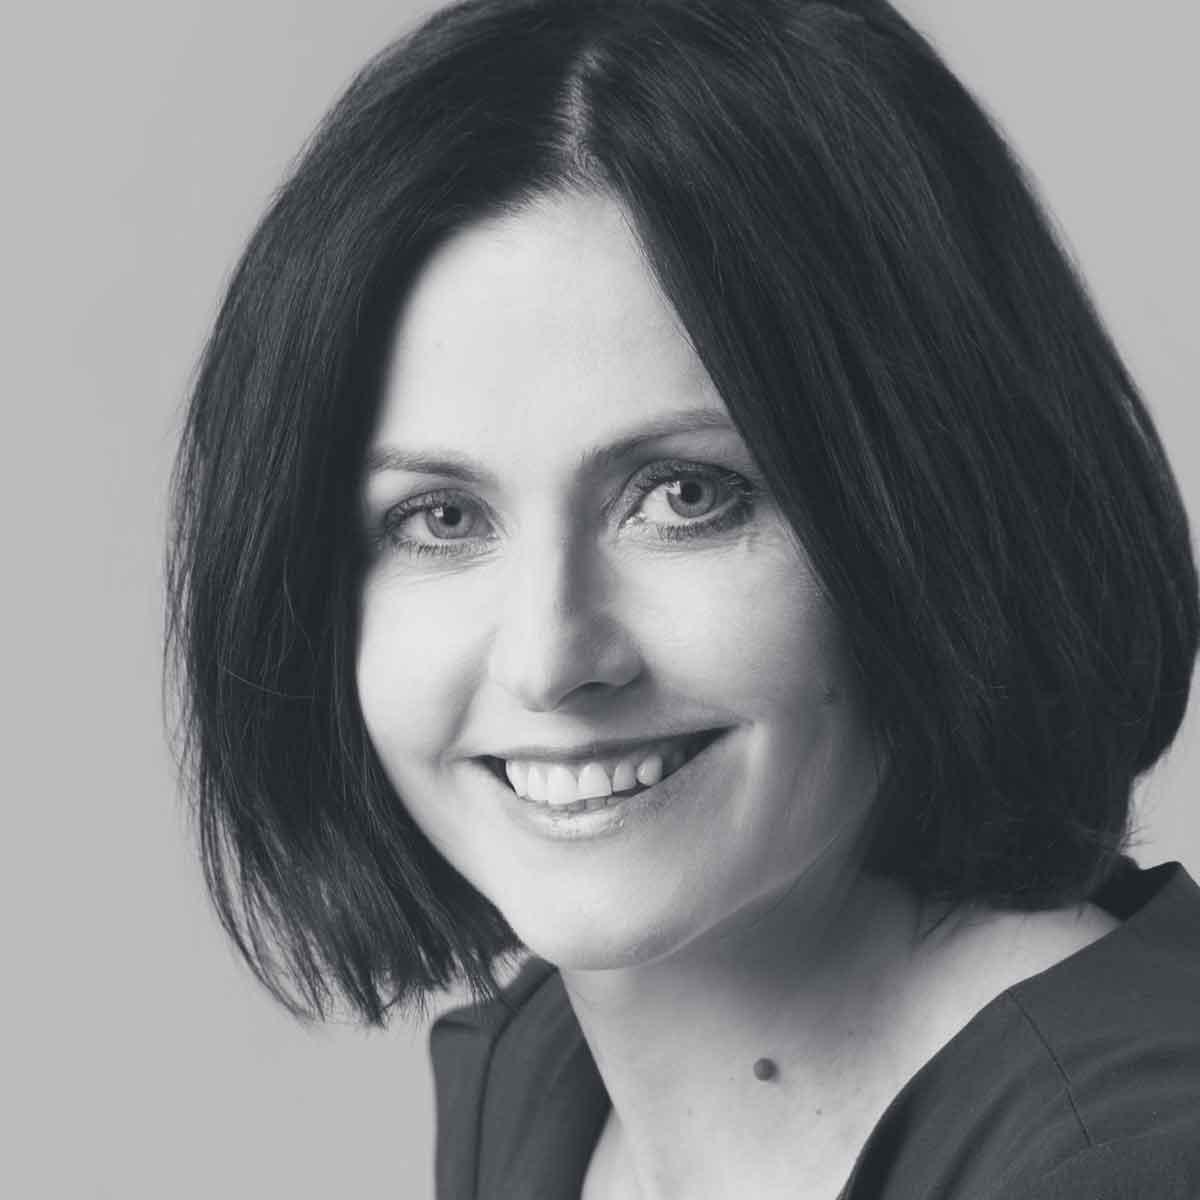 Anna Bacher